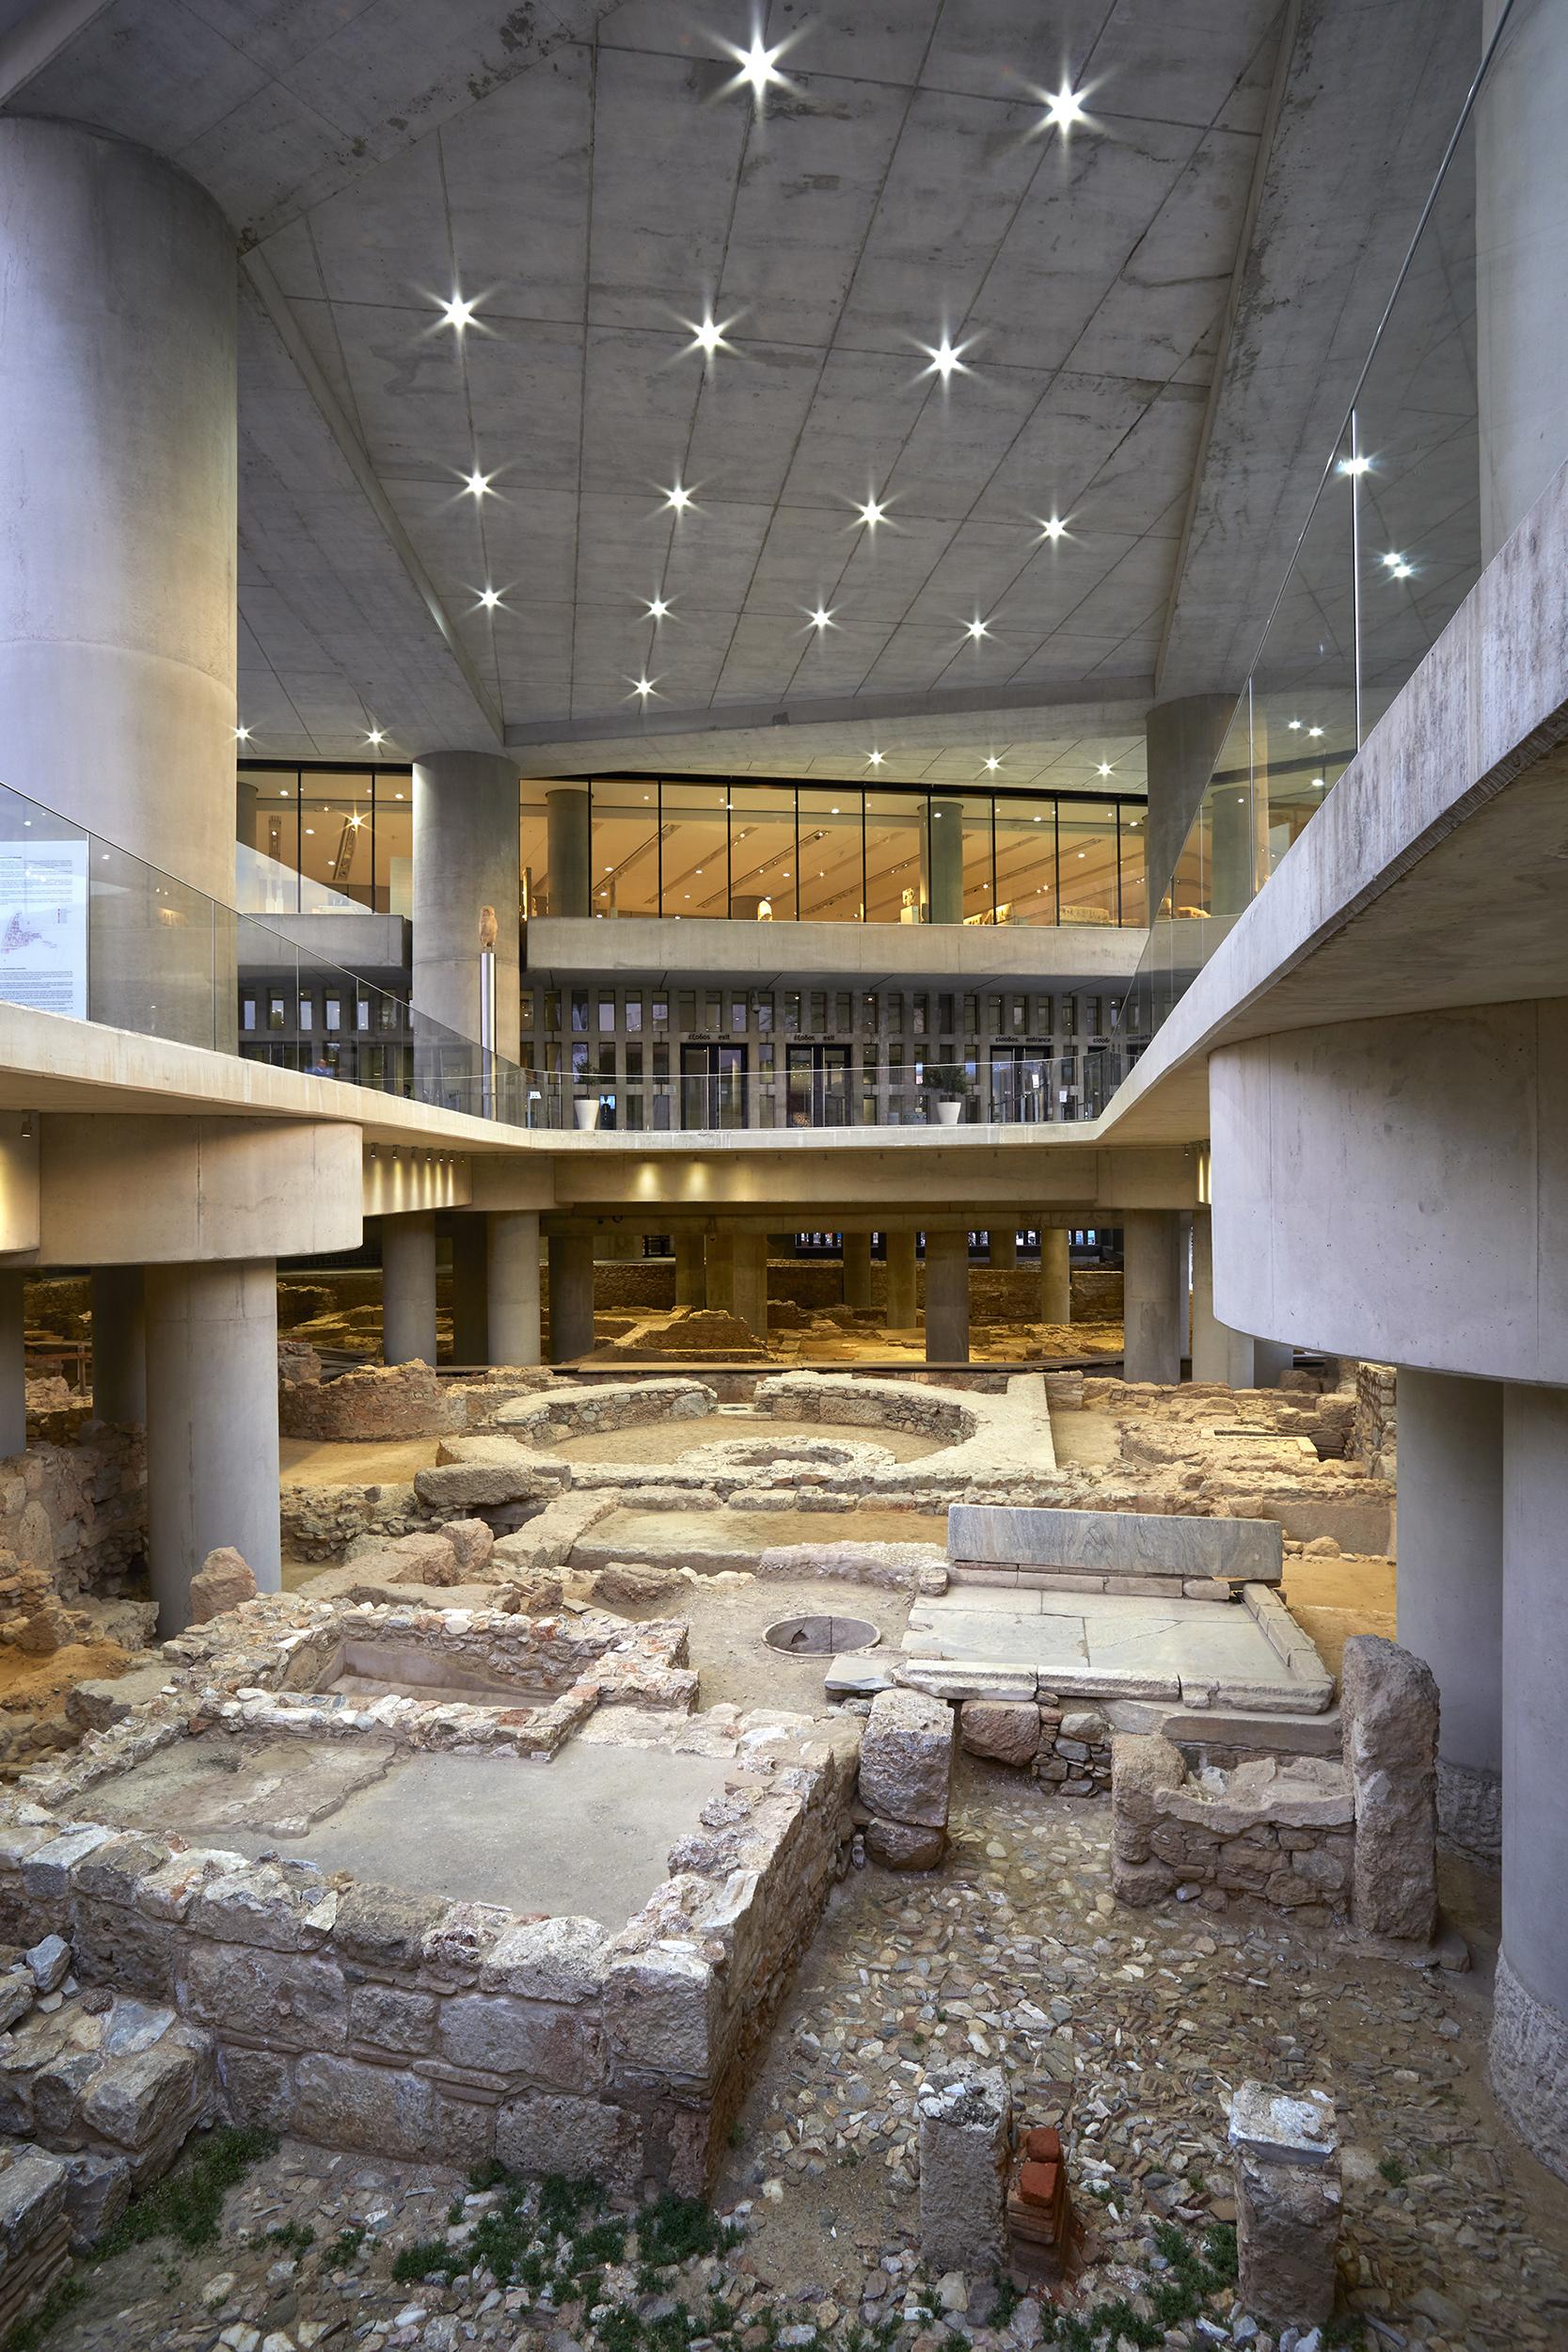 Το Μουσείο Ακρόπολης έχει γενέθλια -και τα γιορτάζει με μειωμένη τιμή εισόδου